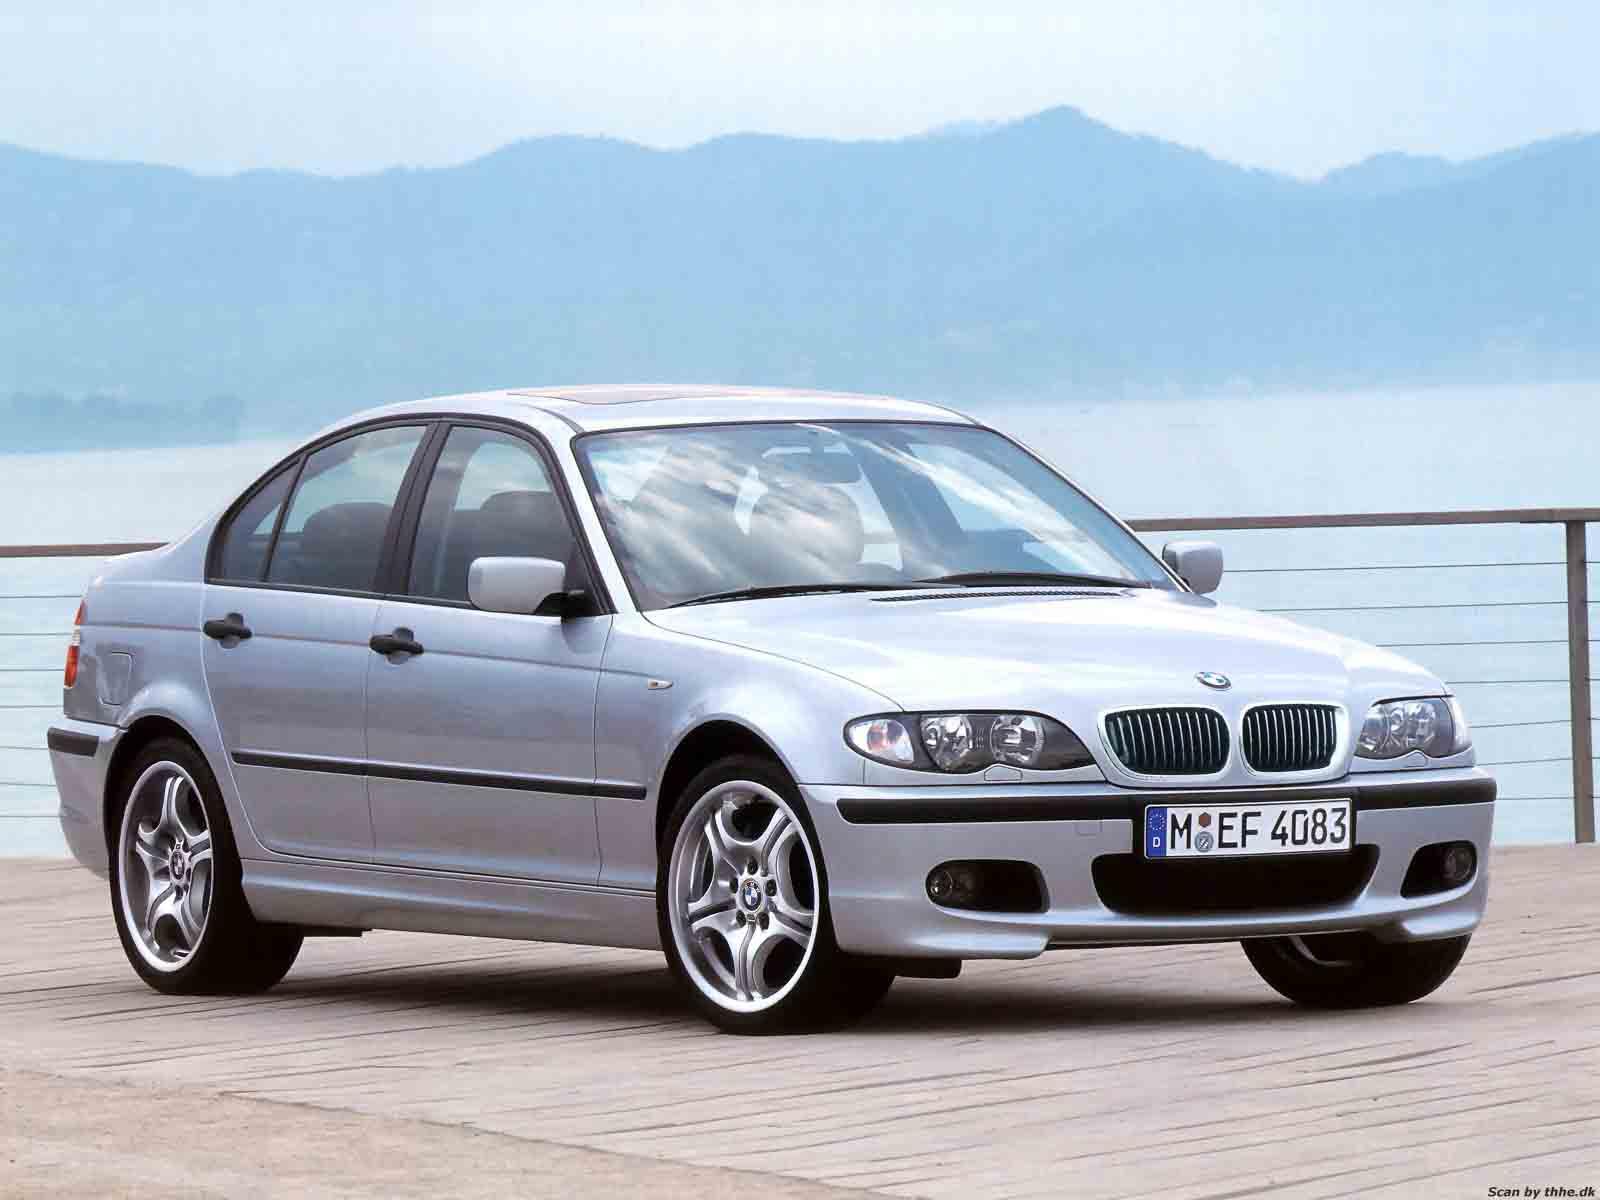 BMW - 3er (E46, 2001) - 325i (192 Hp) - Технически ...